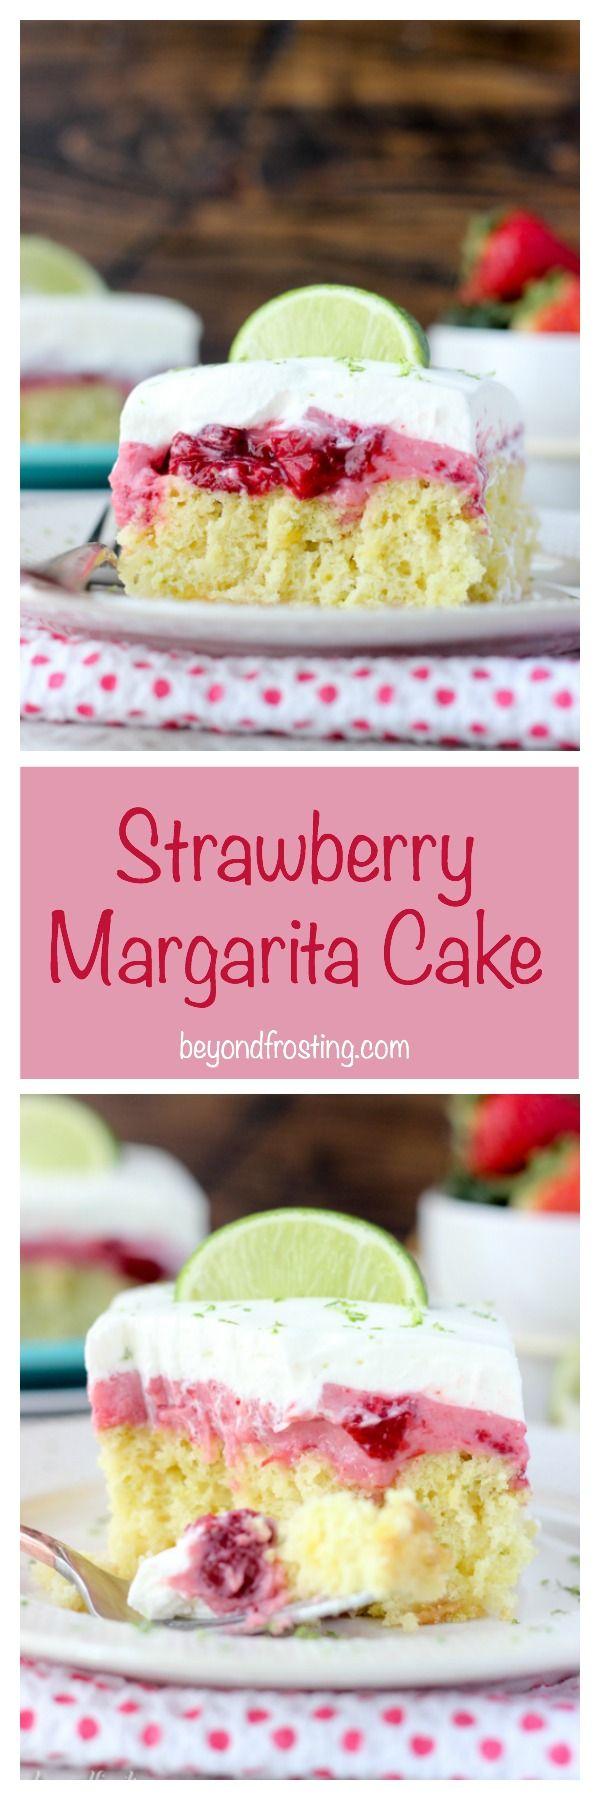 Margarita jello cake recipe